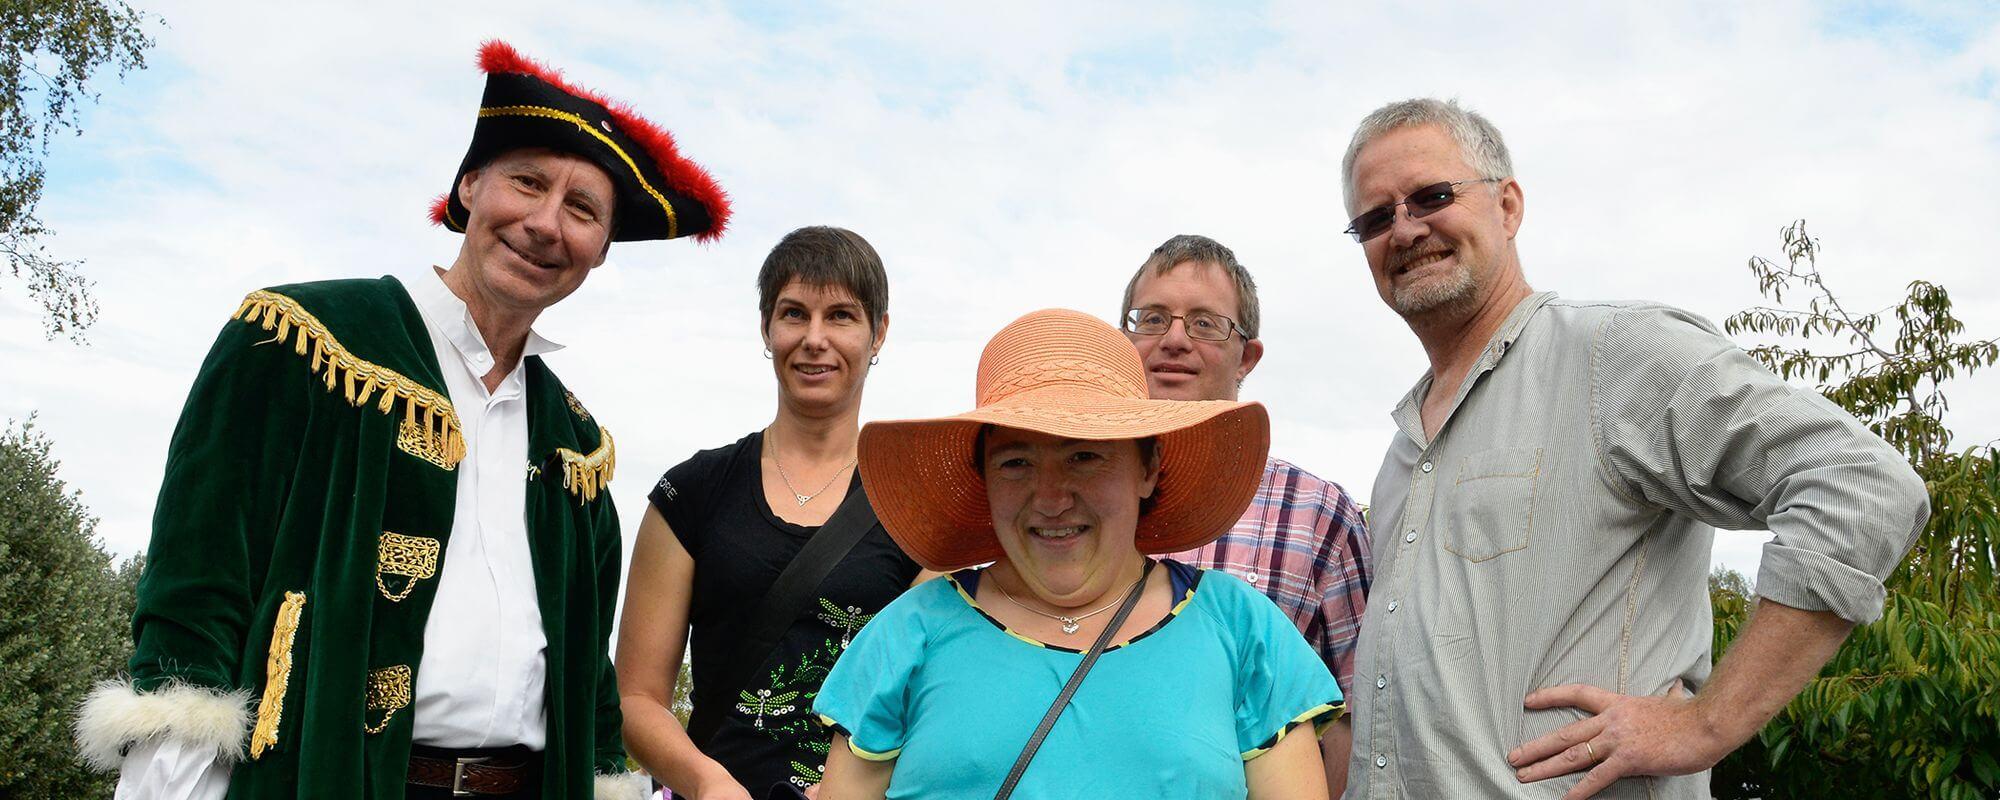 Hohepa staff at the Fair